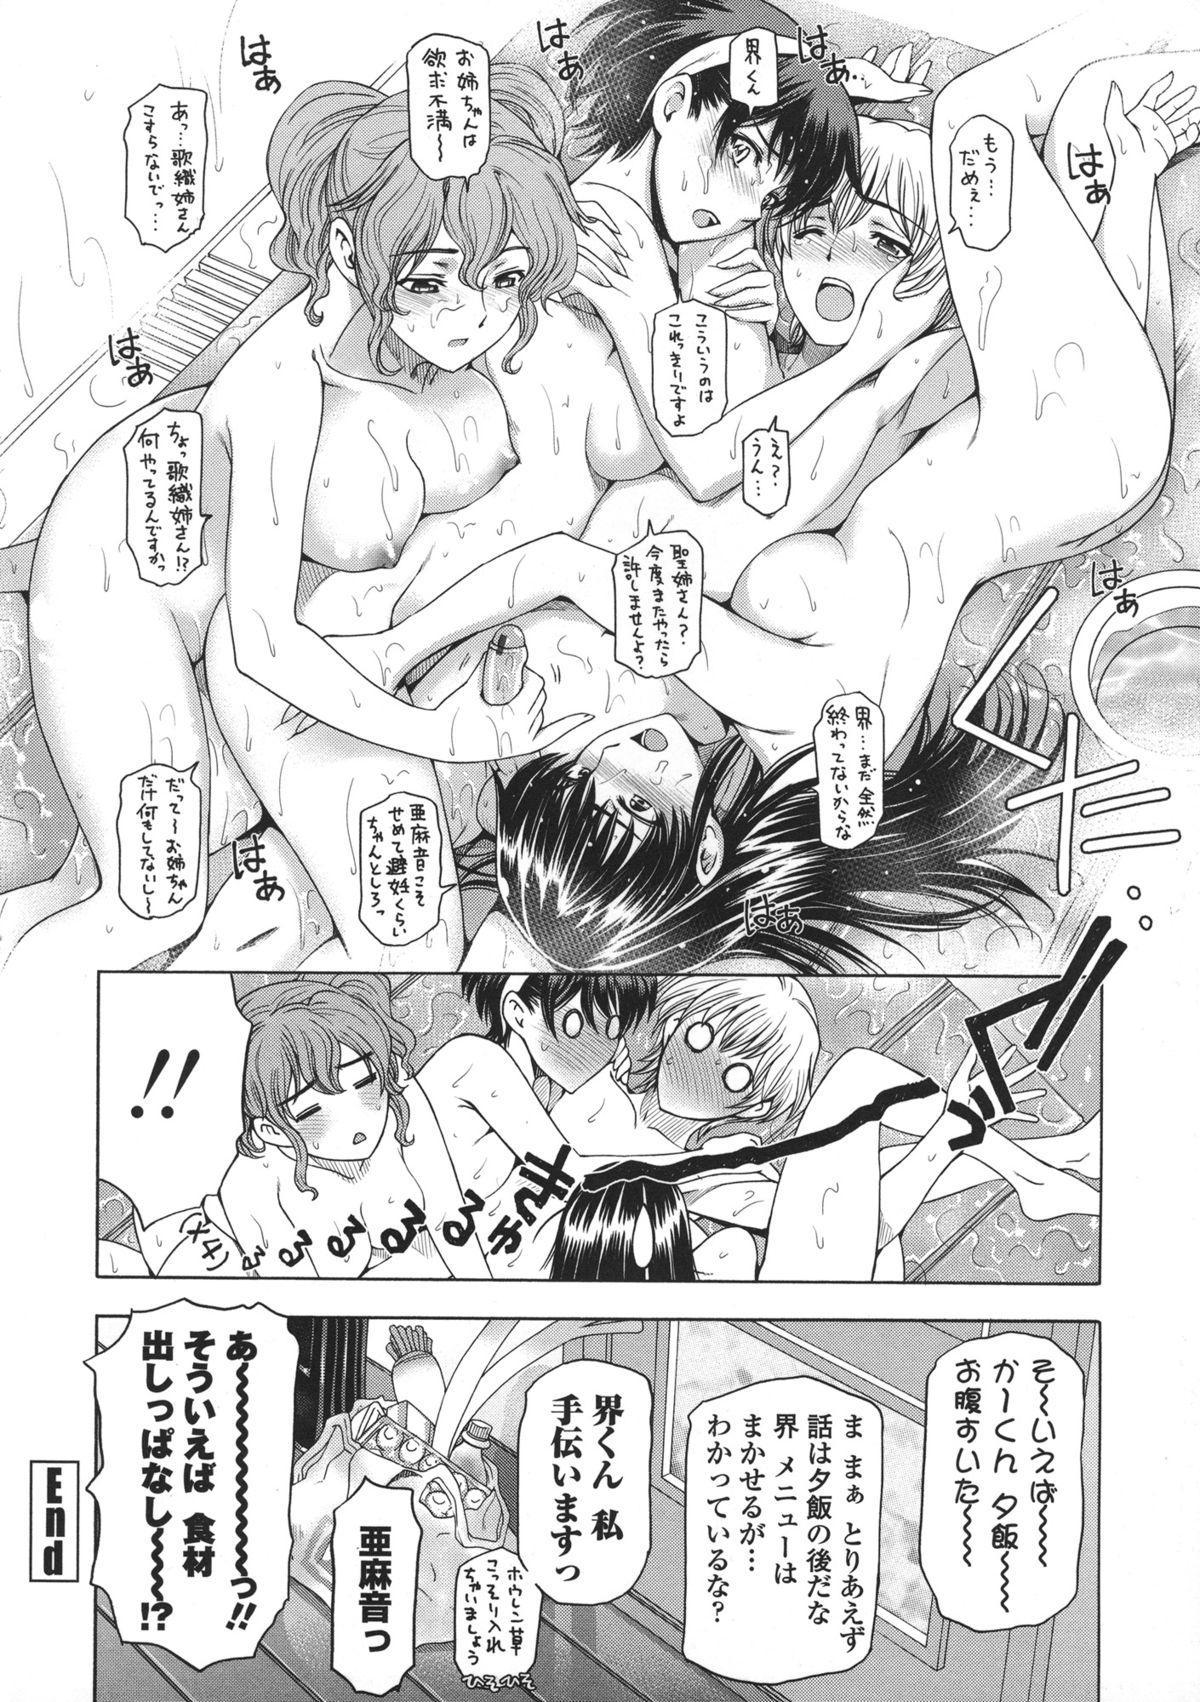 Ane wa Shota o Suki ni Naru 64